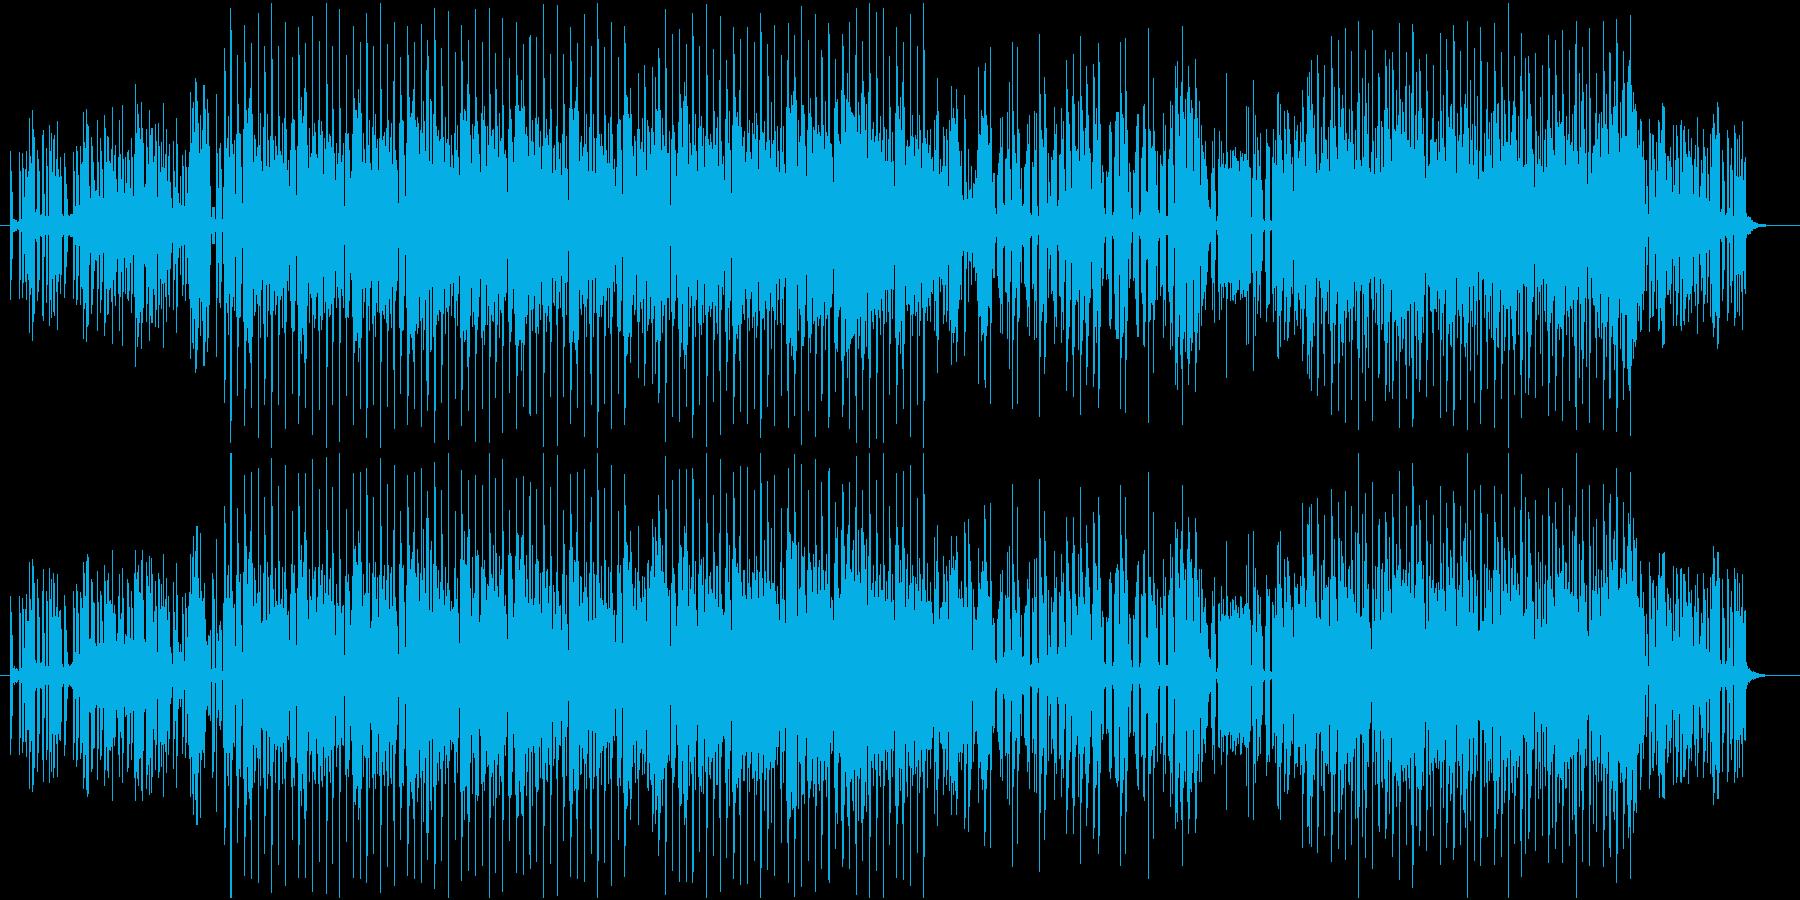 クールな雰囲気のハウスミュージックの再生済みの波形